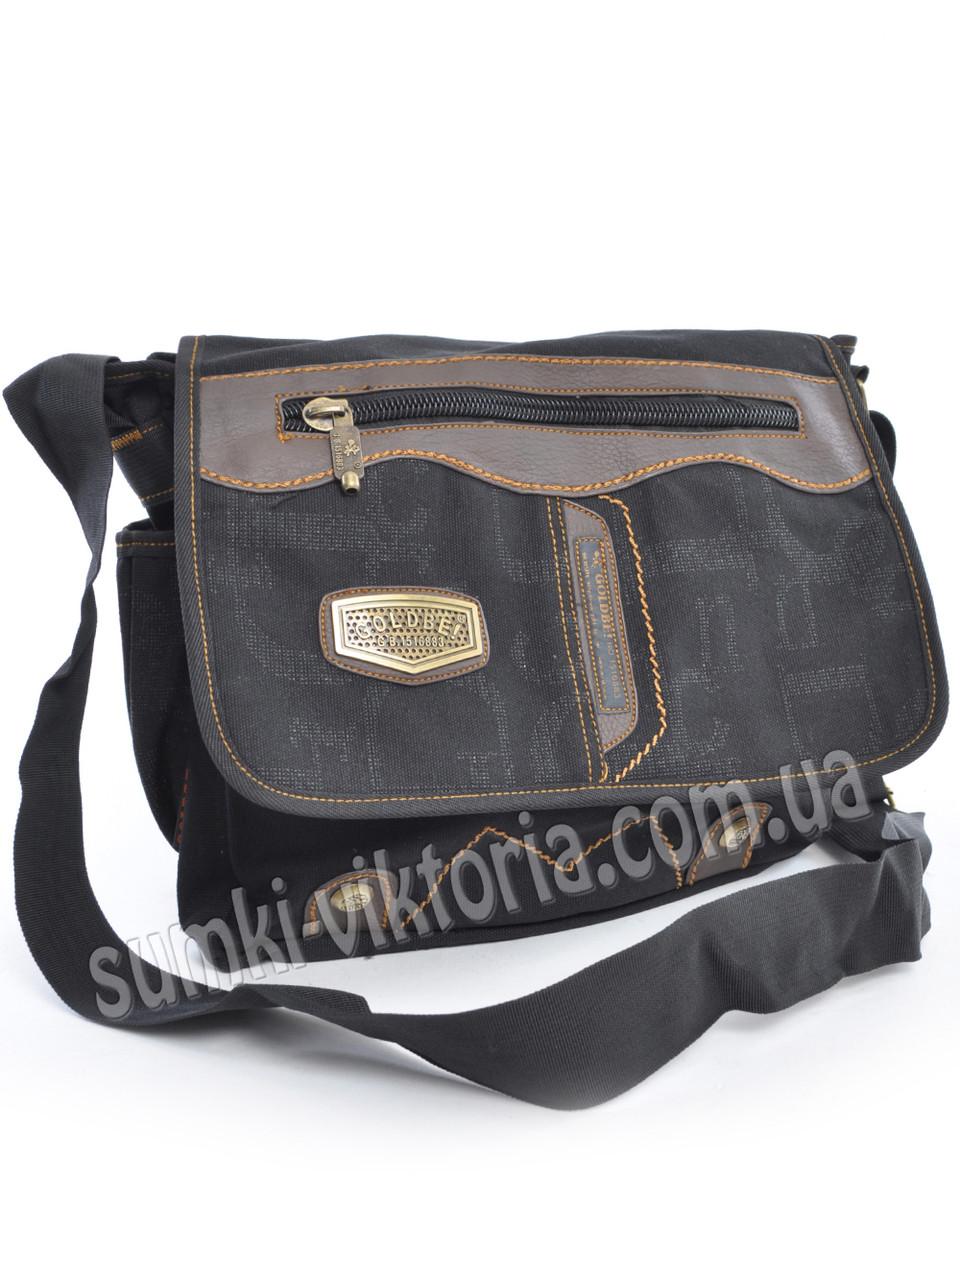 2df2395f6201 Сумка через плечо Gold Be Classic Black - купить по лучшей цене ...